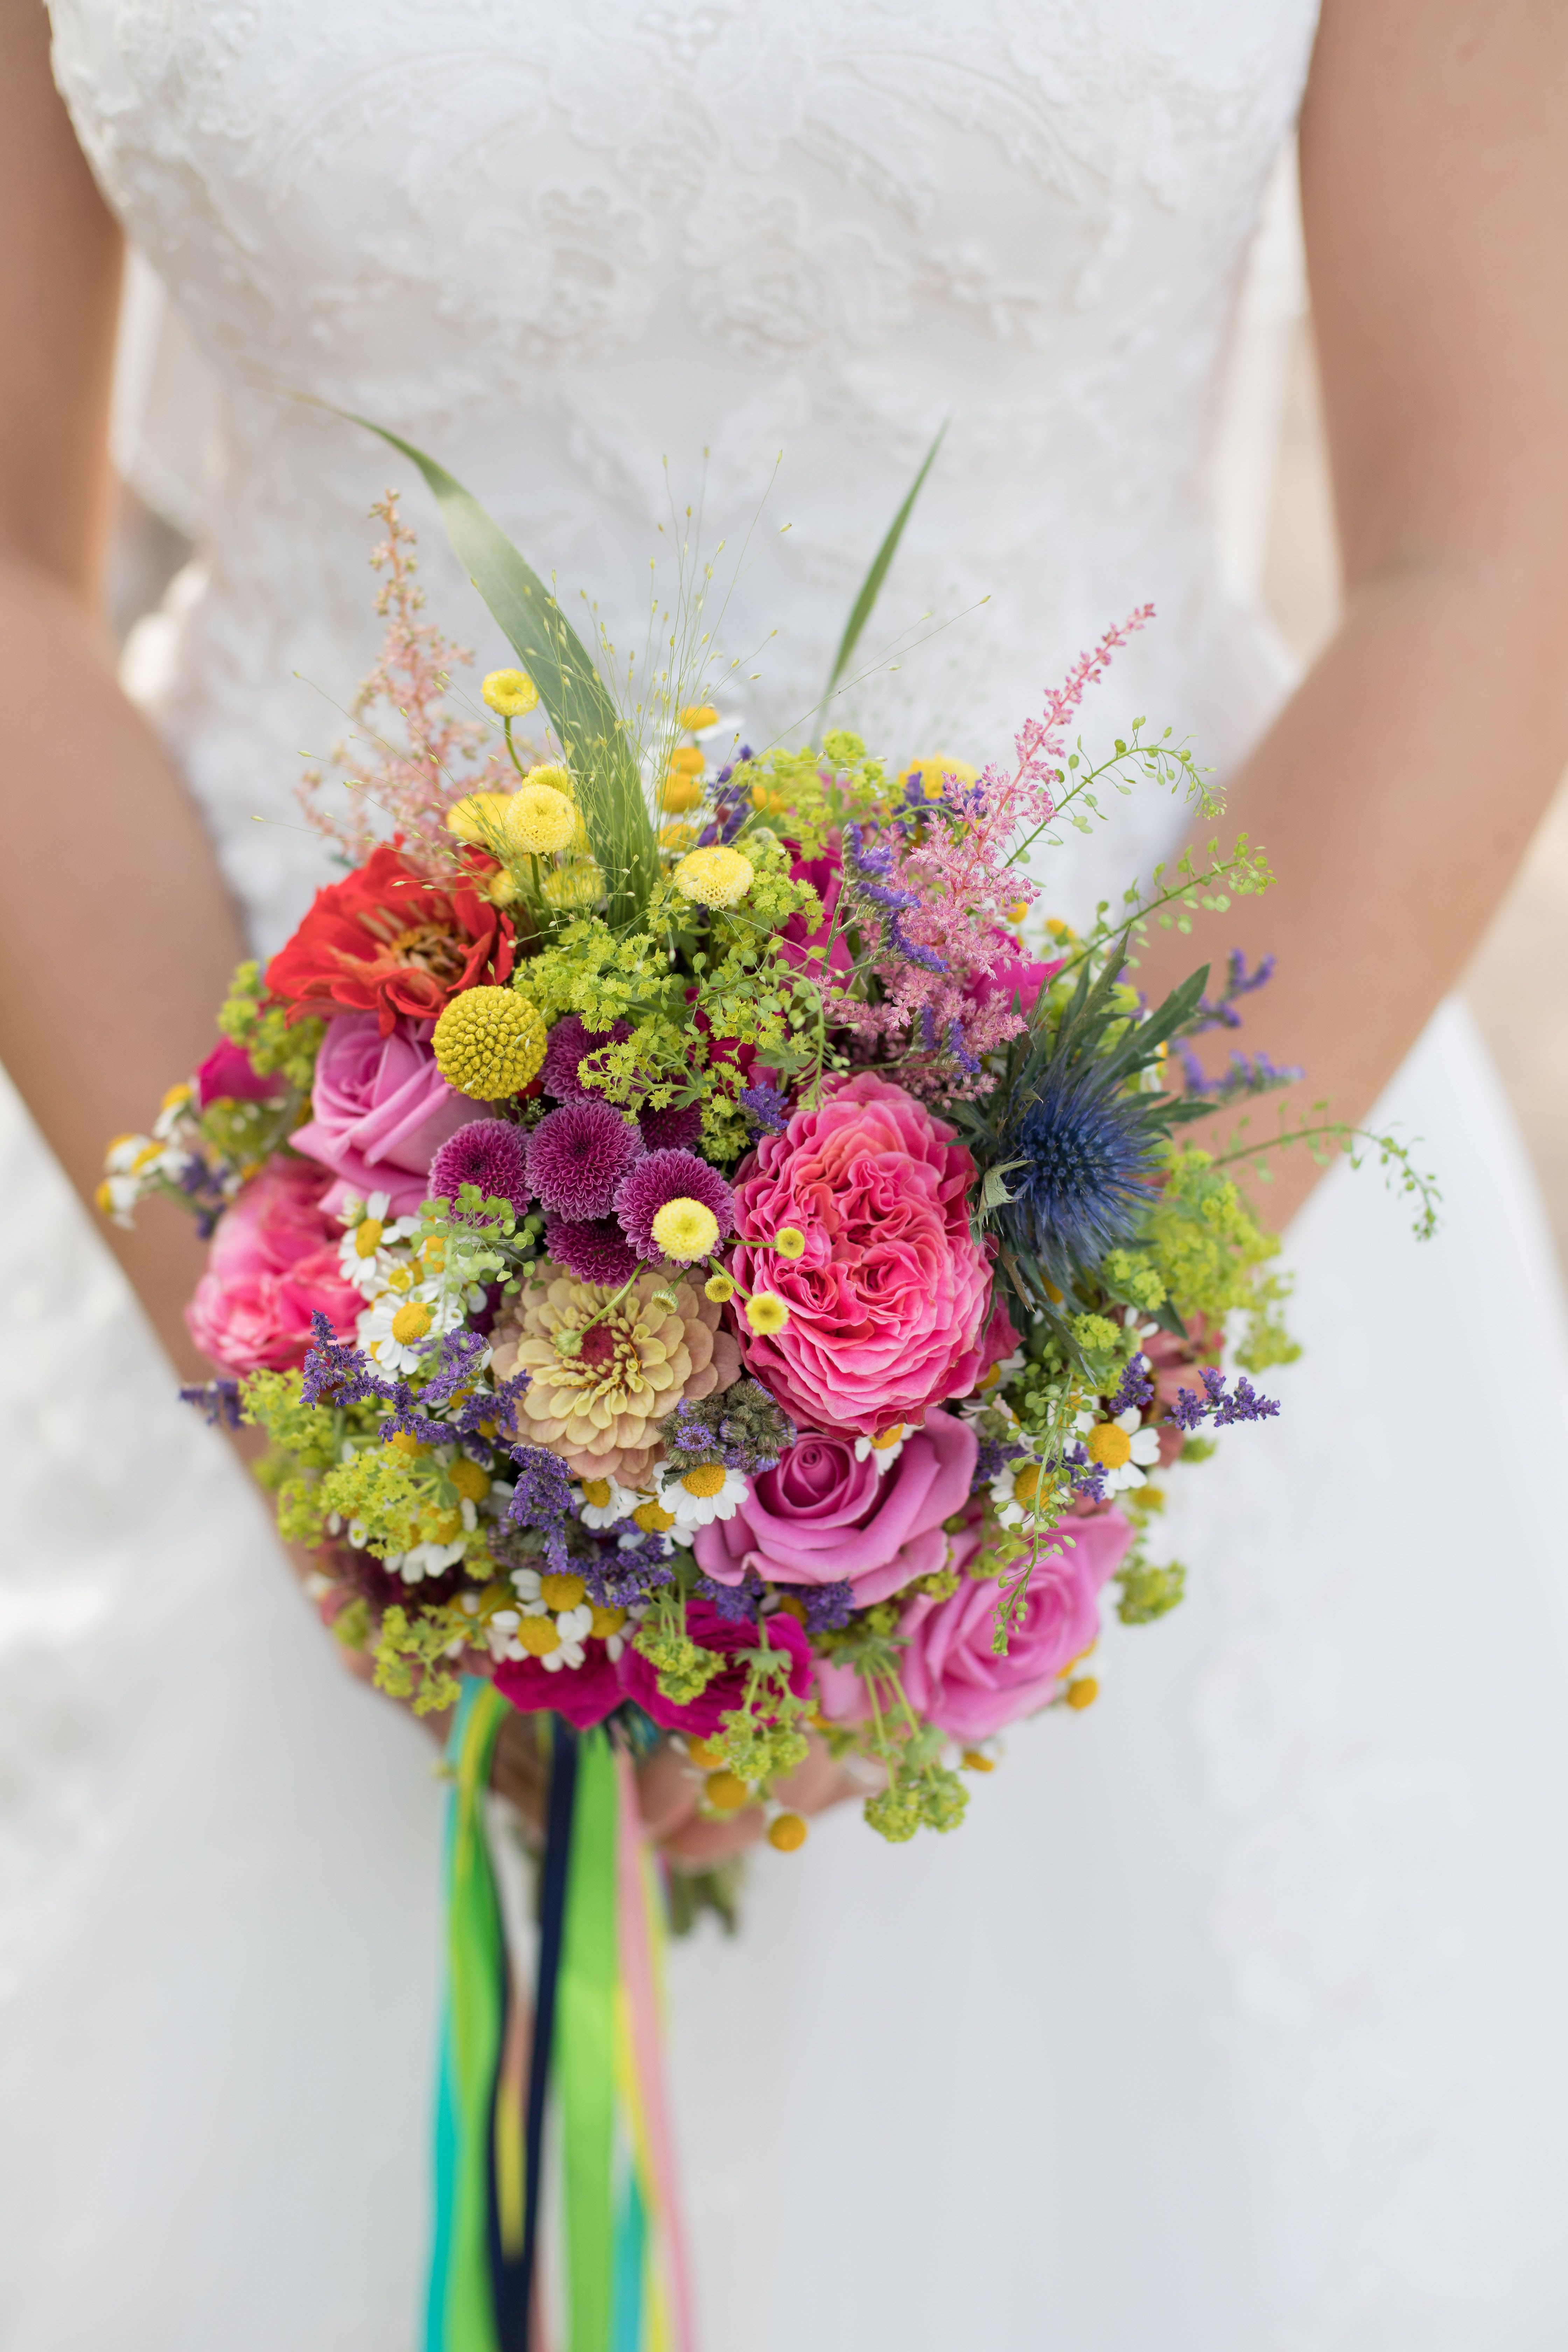 Brautstrauss Bridal Bouquet Bunt Colourful Regenbogen Sommer Rosa Pink Gelb Blau Blumenstrauss Hochzeit Brautstrauss Brautstrauss Bunt